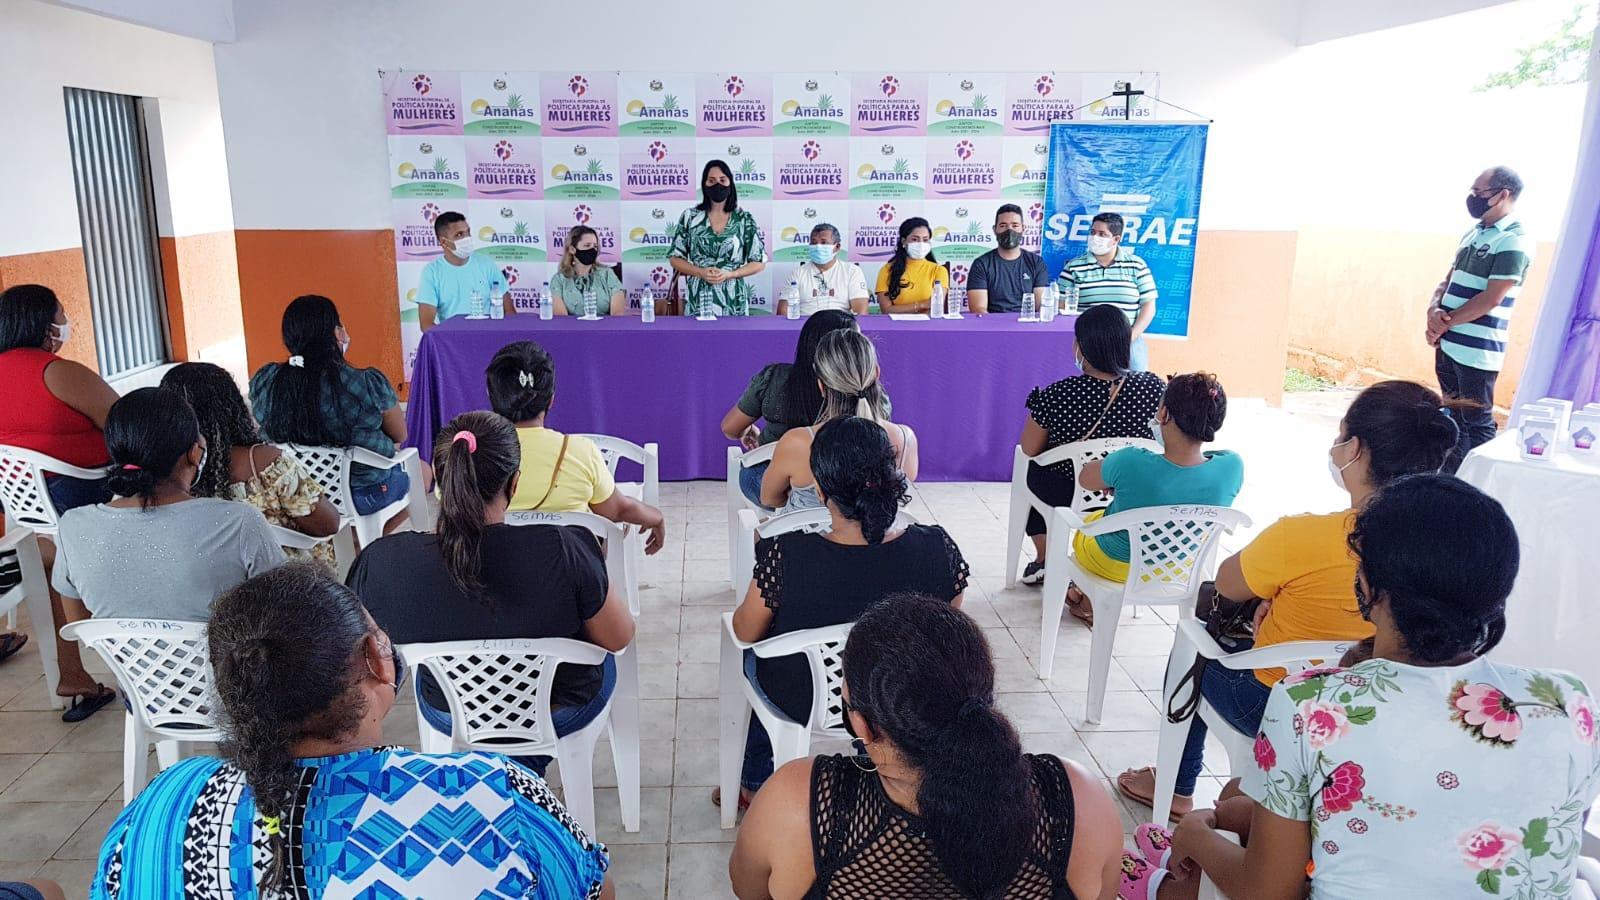 ANANÁS: Secretaria de Políticas Públicas para as Mulheres inicia mais dois novos cursos